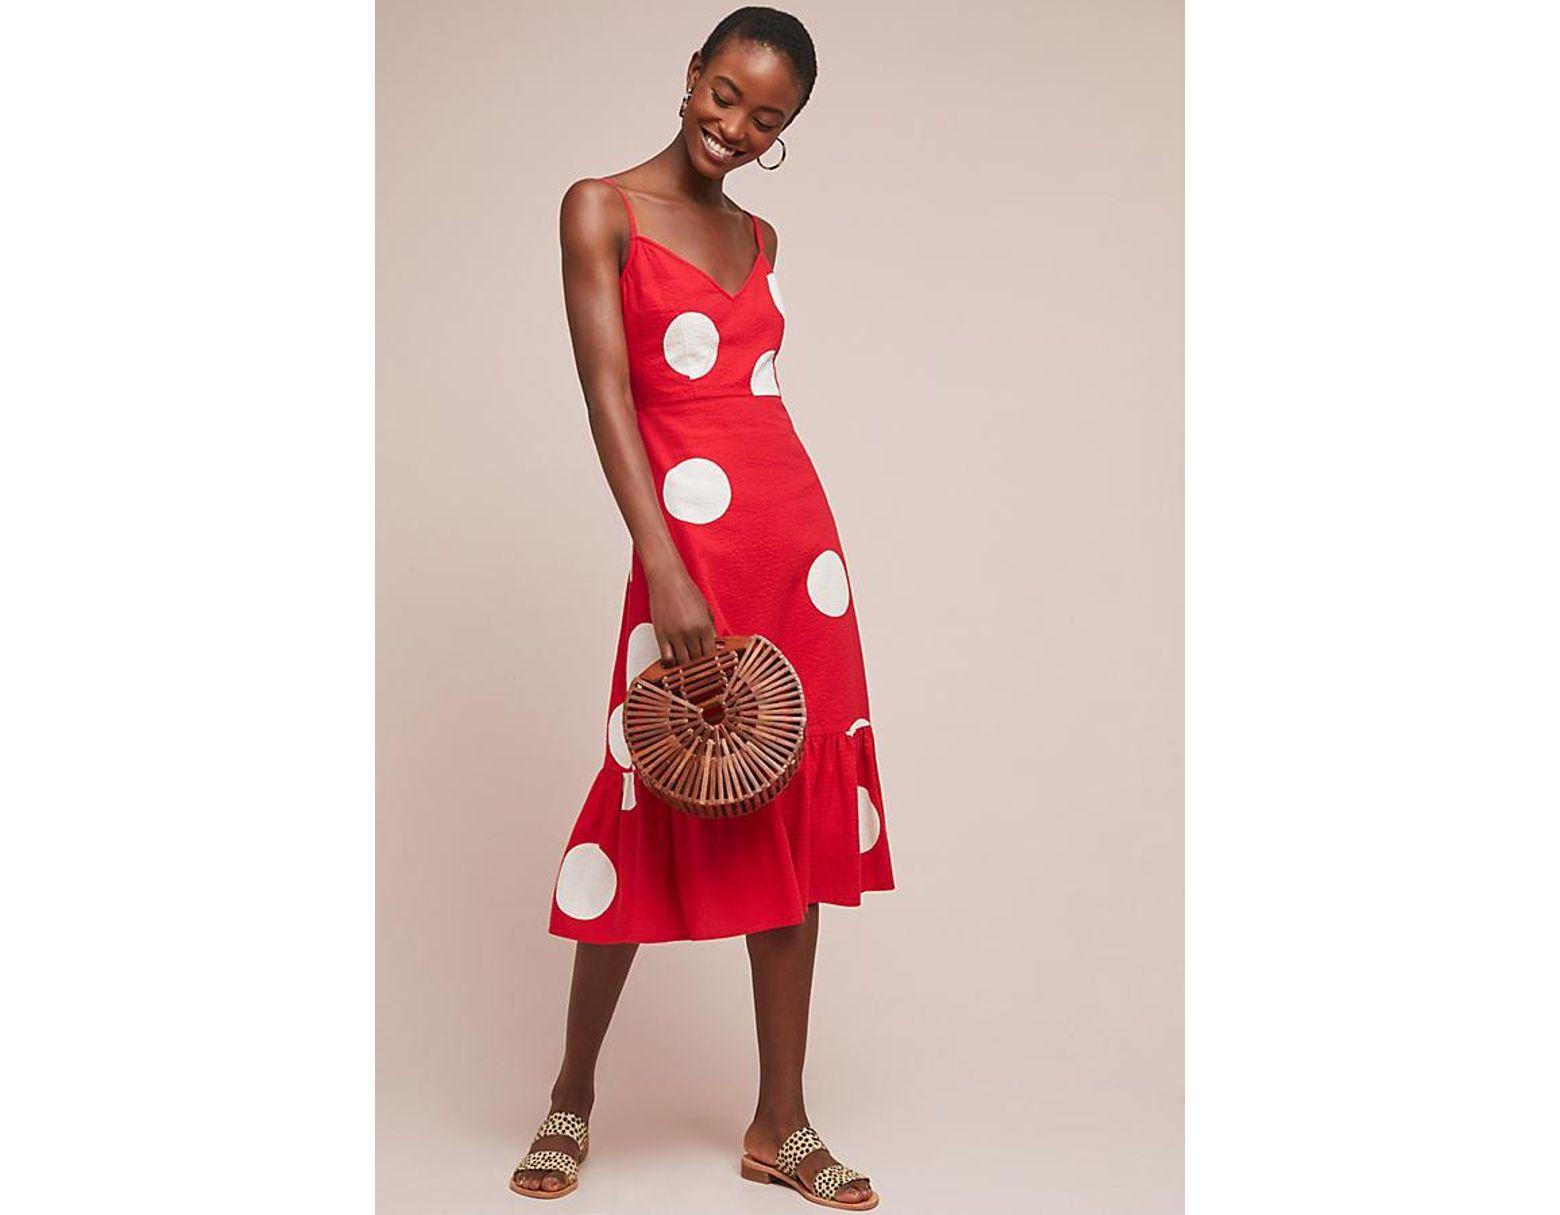 af79ffebf3 Anthropologie Breiz Polka Dot Dress in Red - Lyst